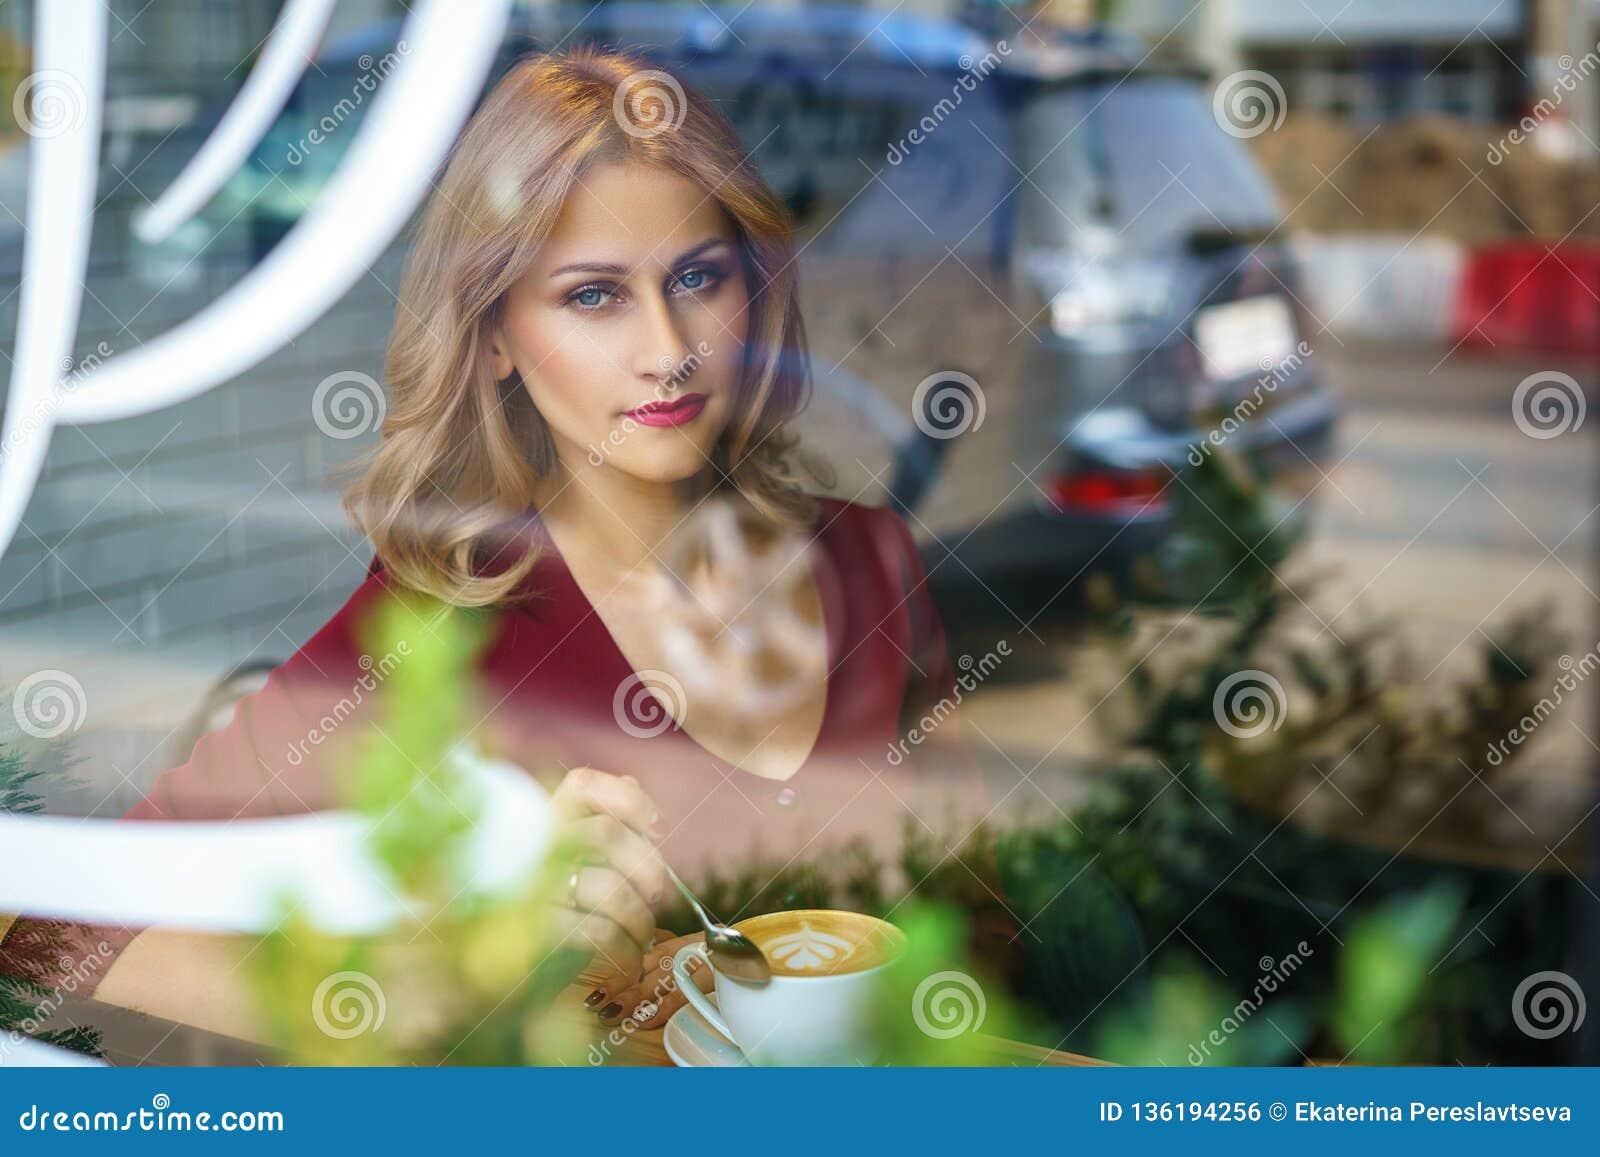 Όμορφη συνεδρίαση γυναικών από το παράθυρο σε έναν καφέ κατανάλωσης καφέδων